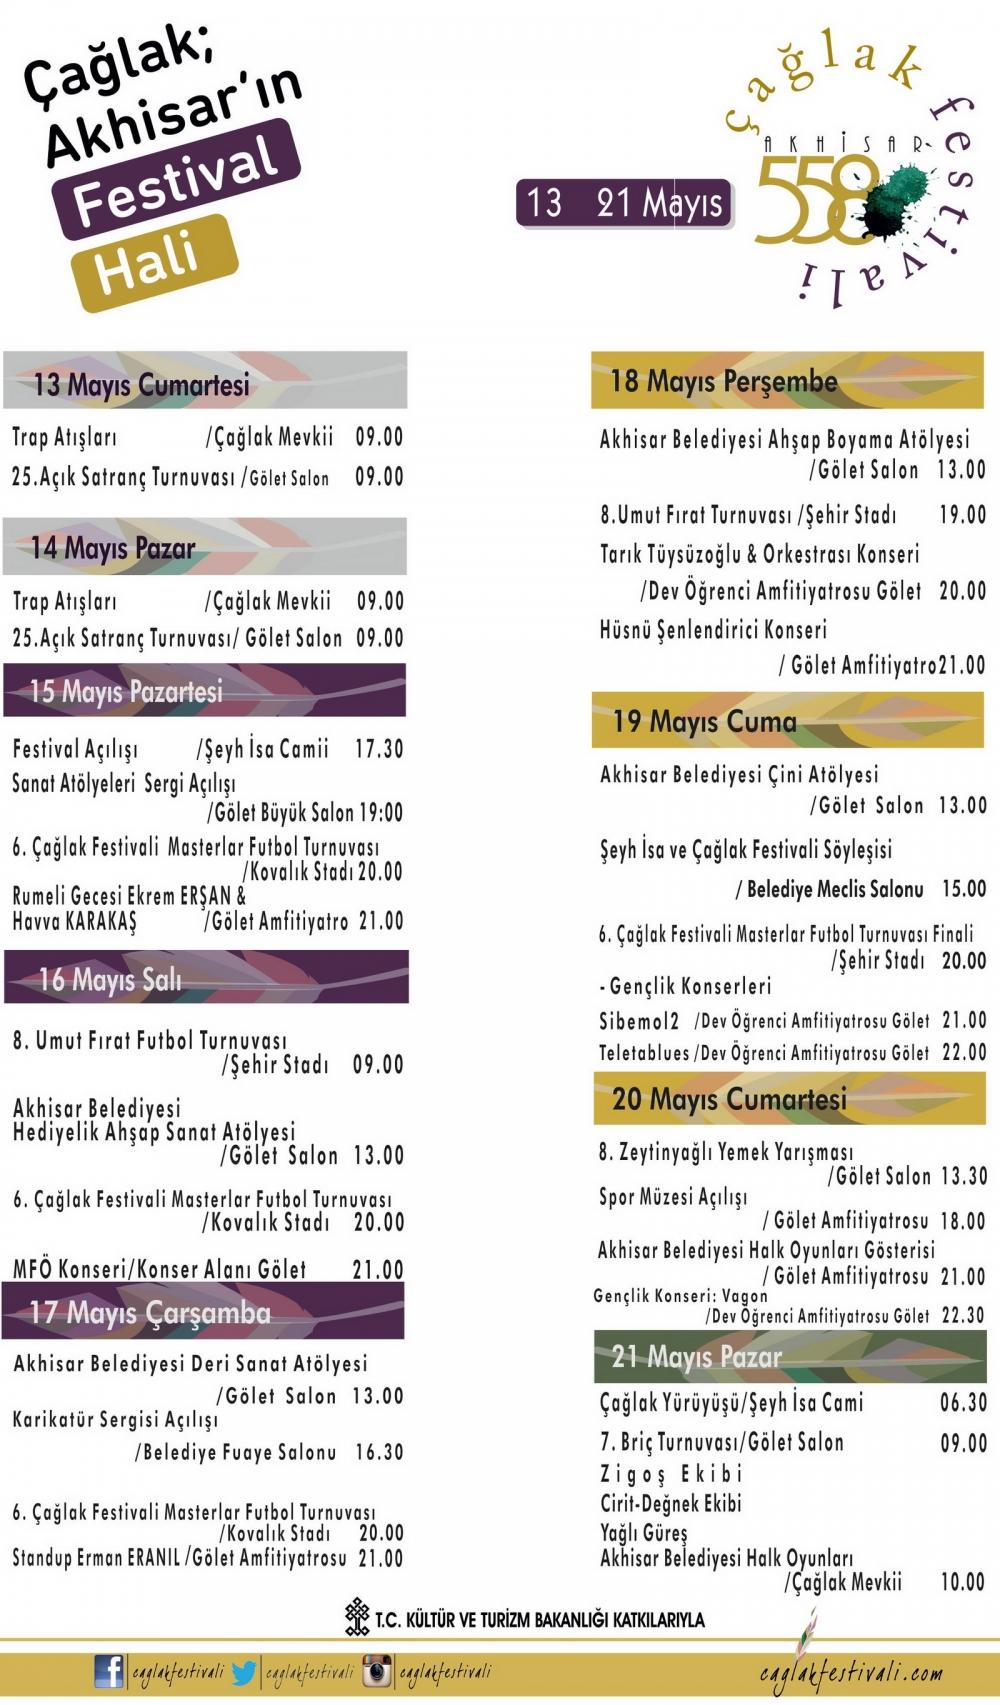 558. Çağlak Festivali 13-21 Mayıs tarihleri arasındaki tüm programlar 1